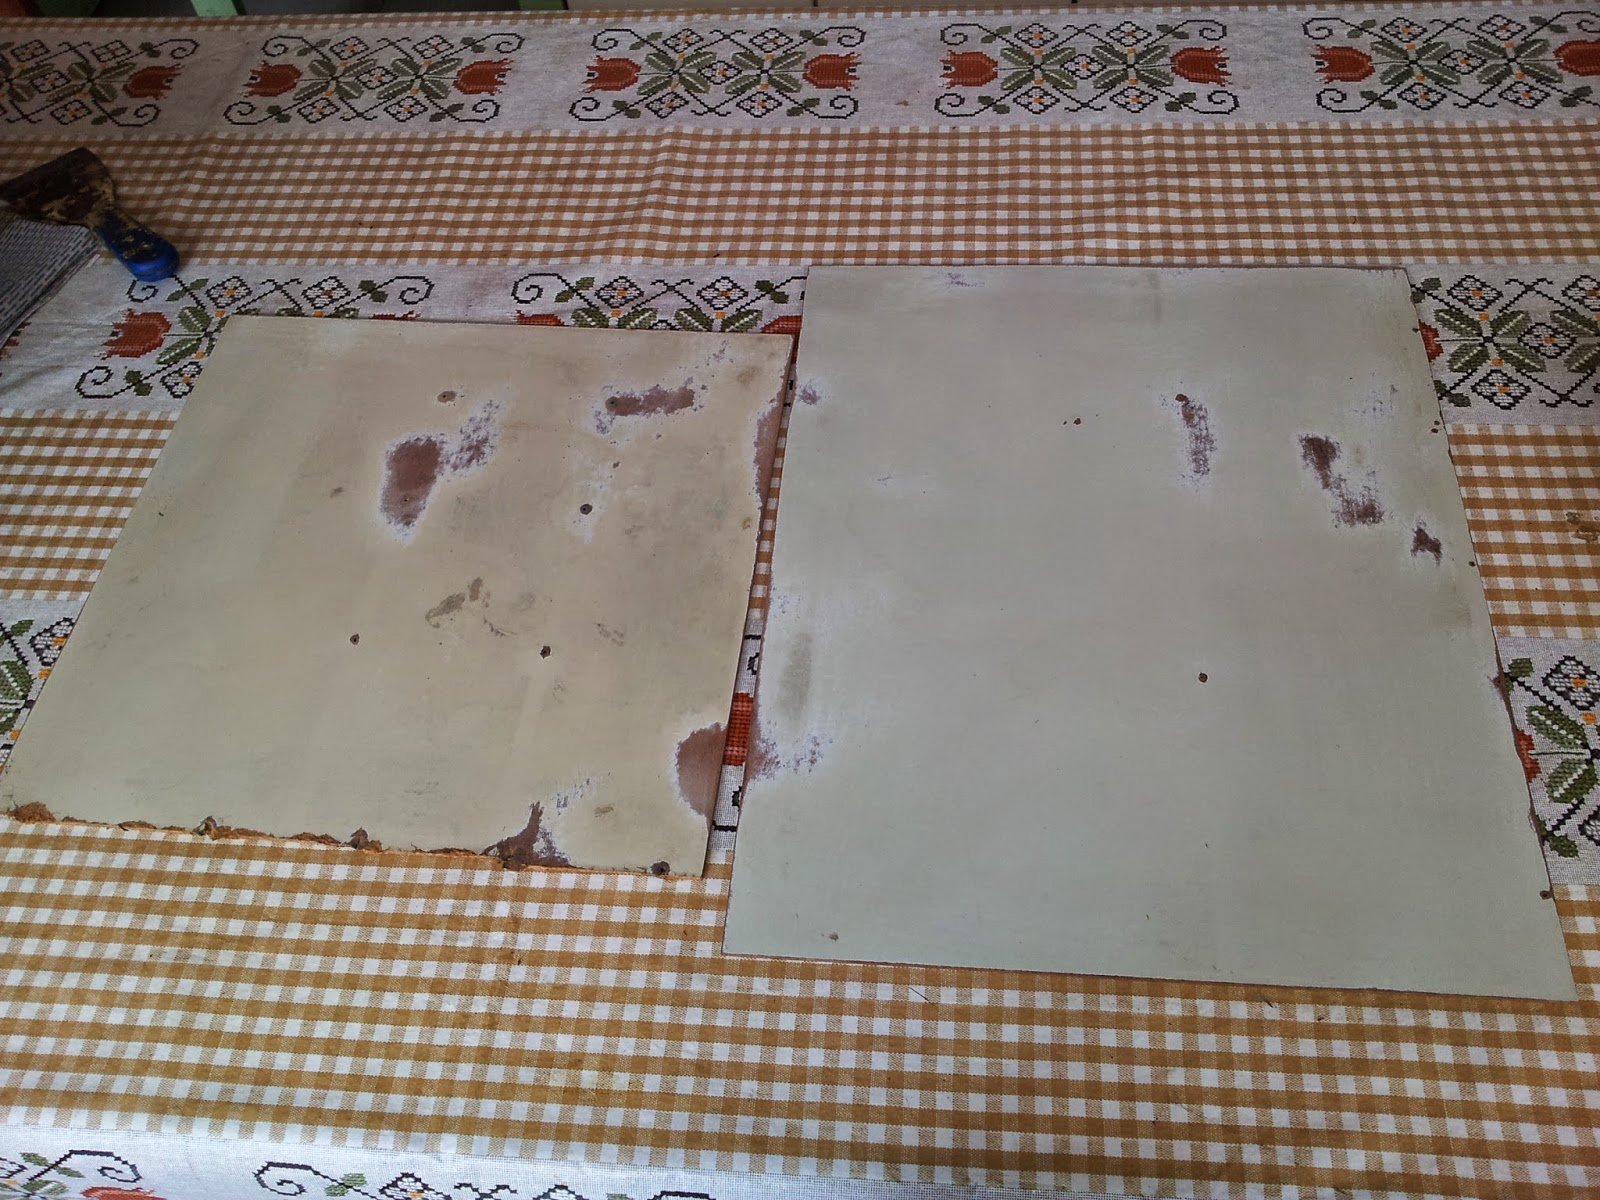 de lixar e limpar os fundos das gavetas apliquei papel de parede #674935 1600x1200